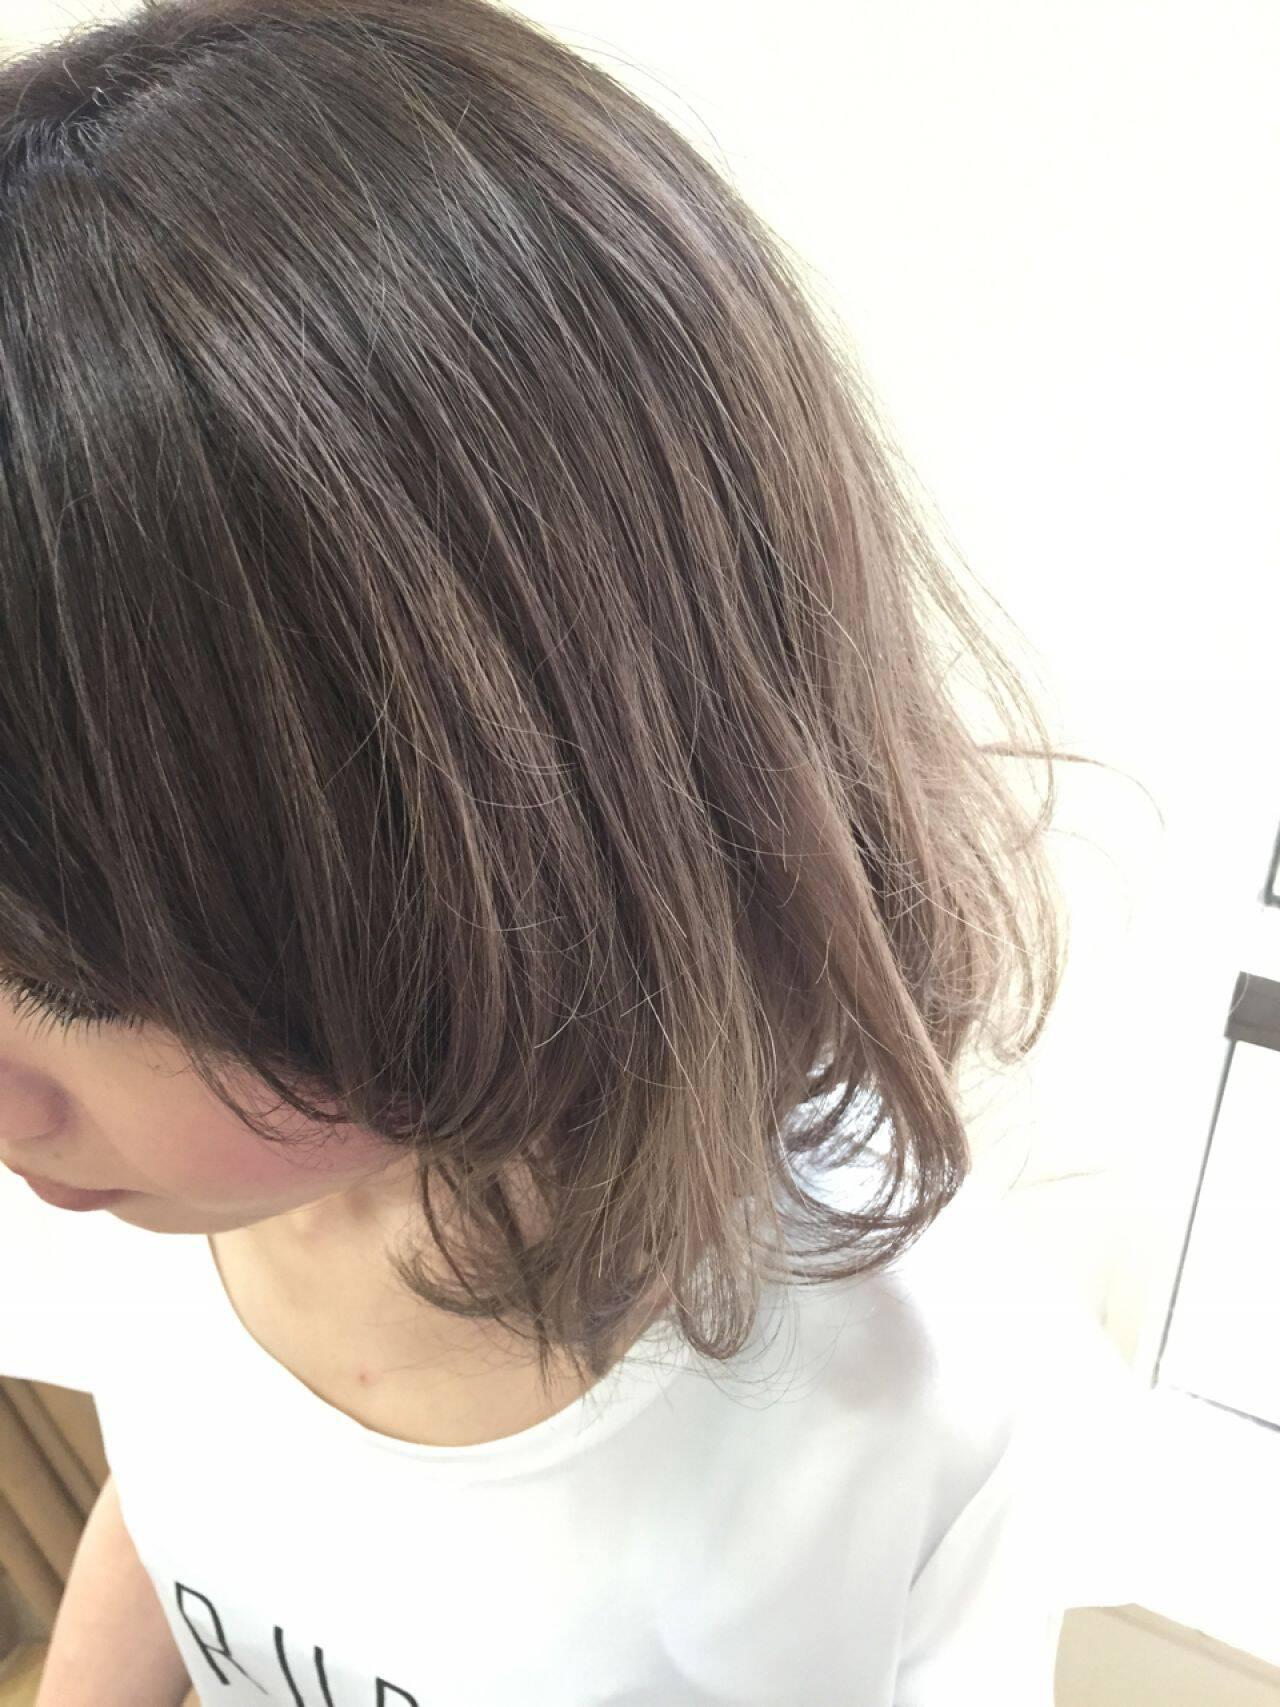 アッシュベージュ ボブ グレージュ アッシュグラデーションヘアスタイルや髪型の写真・画像